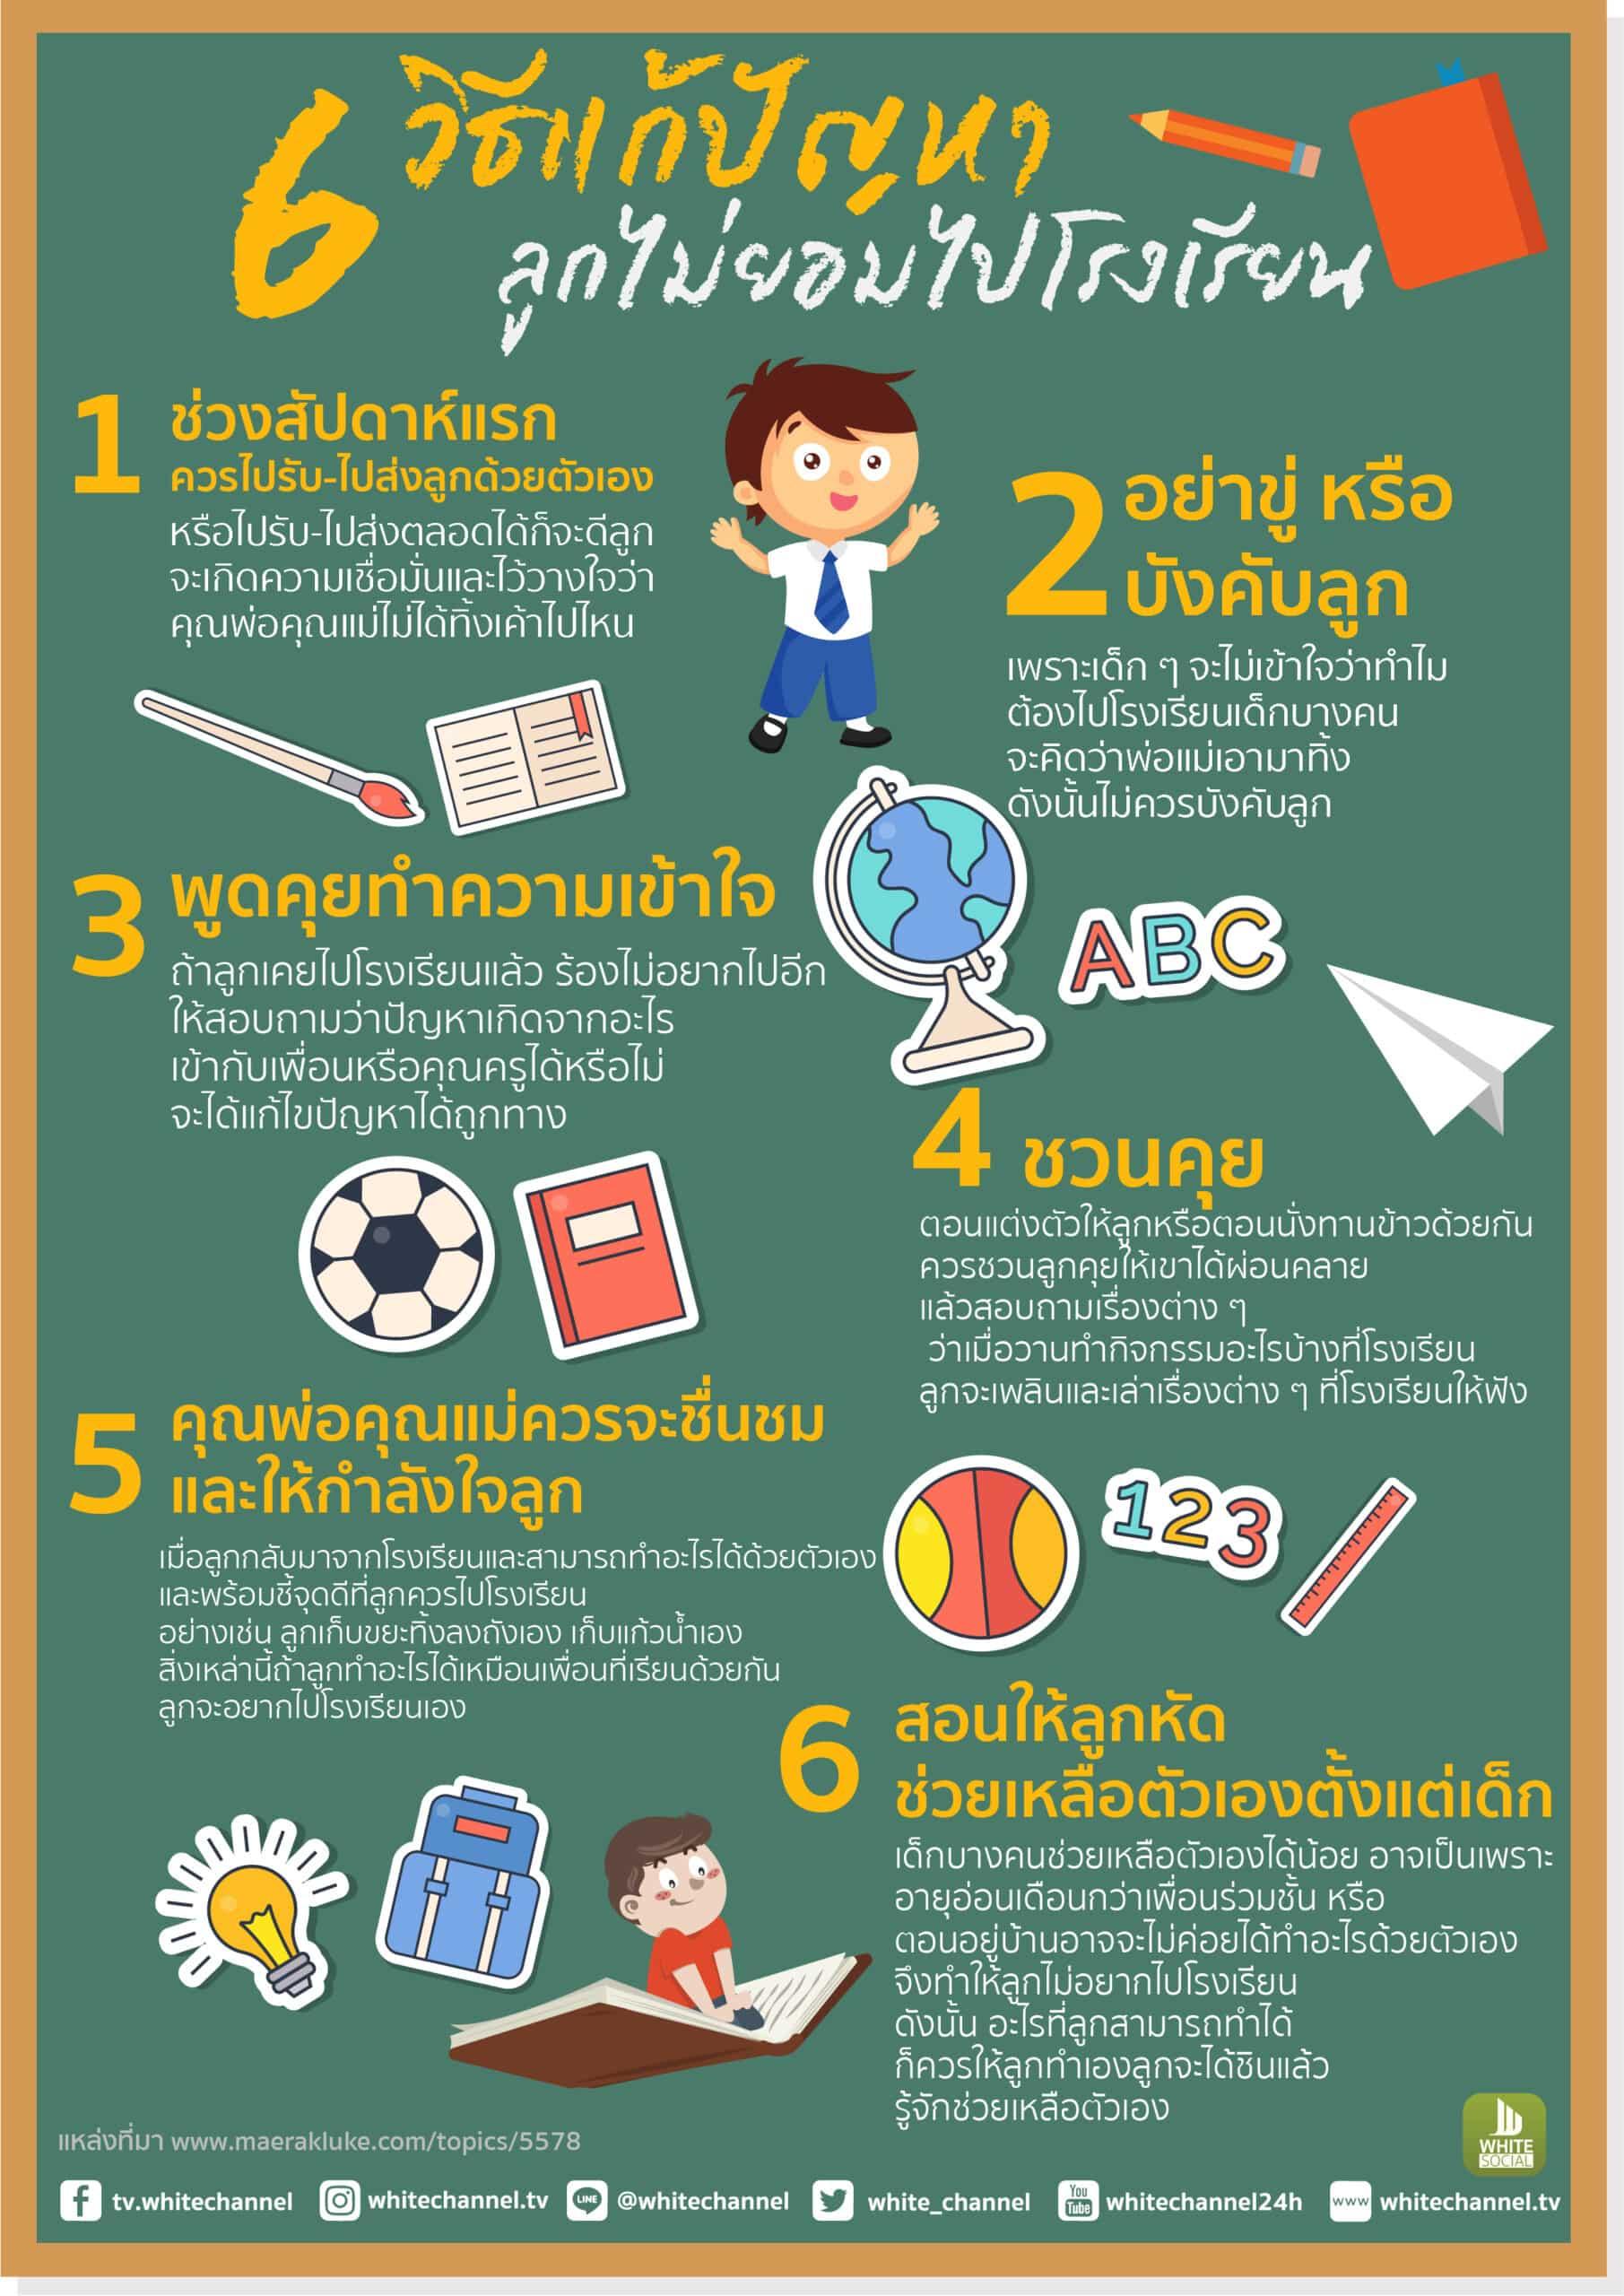 6 วิธีเมื่อลูกไม่ไปโรงเรียน